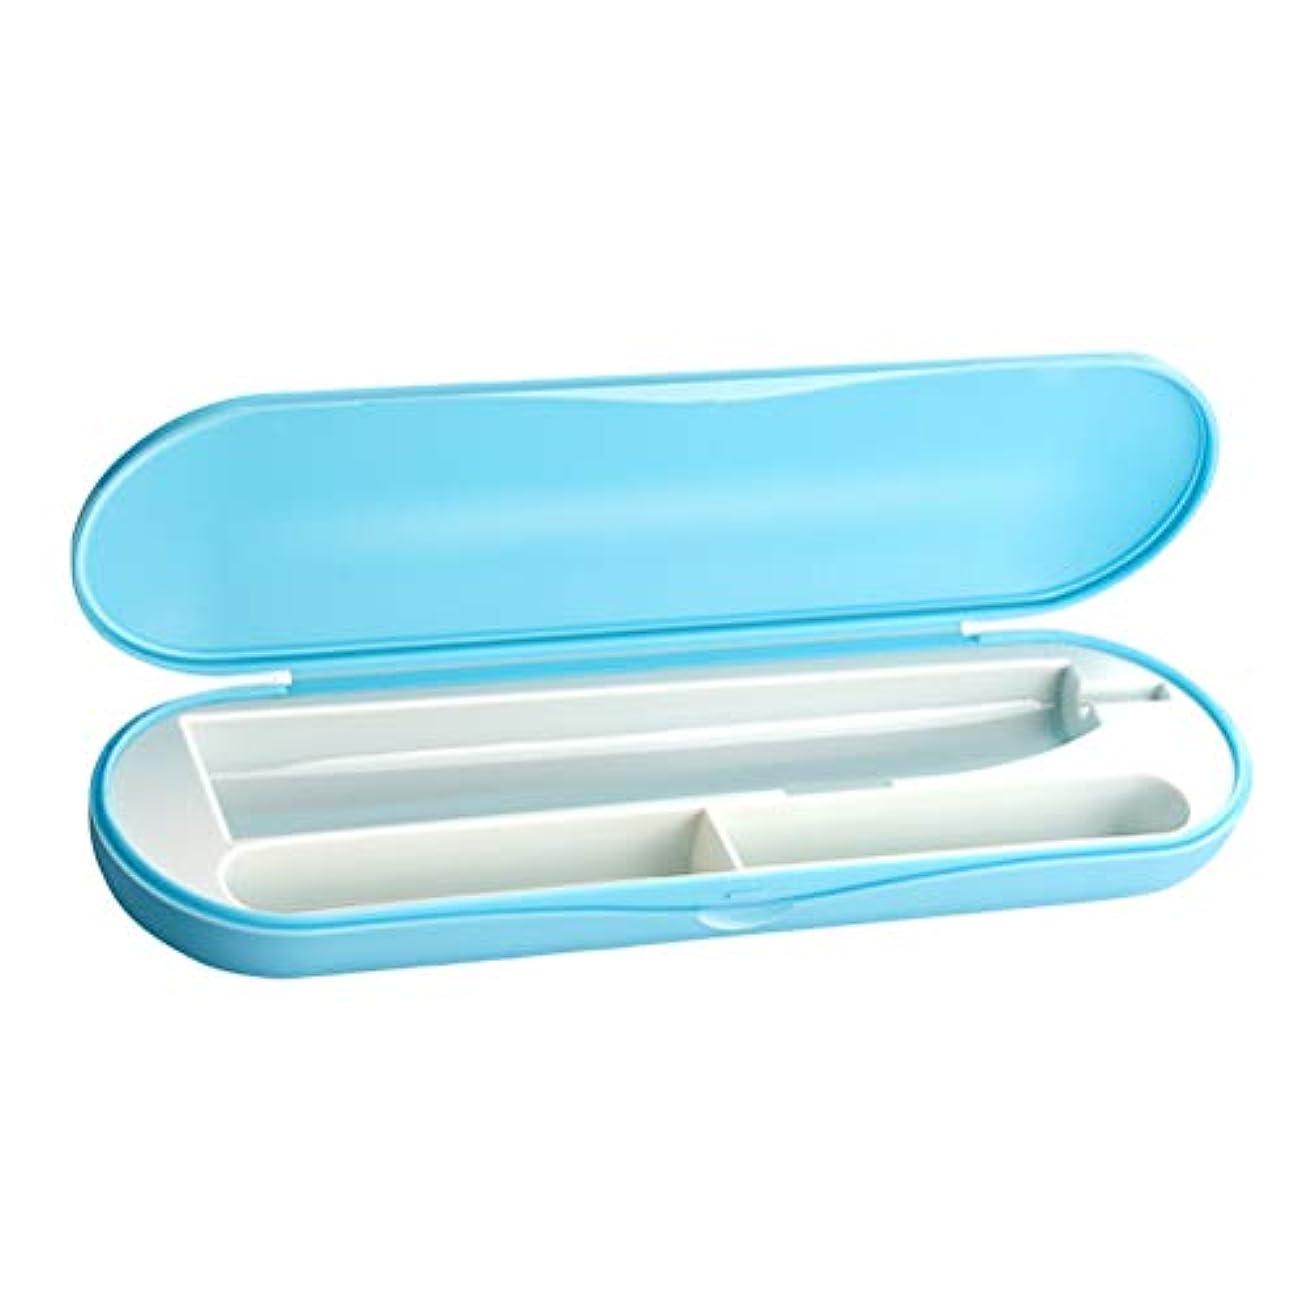 フランクワースリー追い出す主婦Healifty ポータブル電動歯ブラシケース歯磨き粉旅行キャンプ収納ホルダーボックス(ブルー)